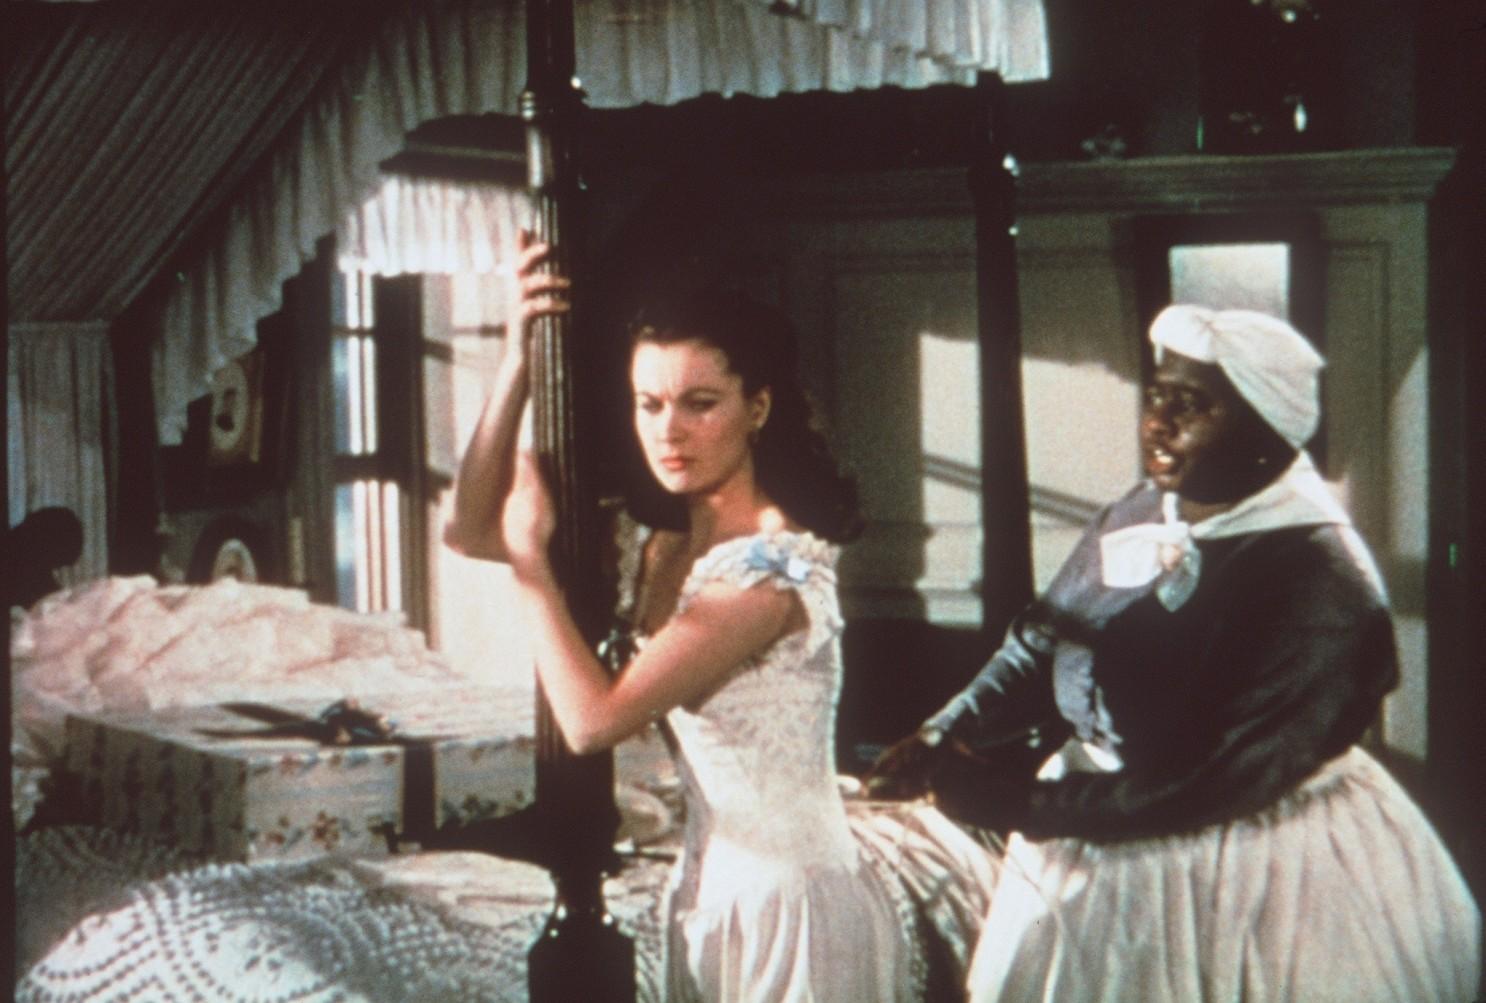 因奴隶制非议的经典电影《乱世佳人》新增内容后重新上架